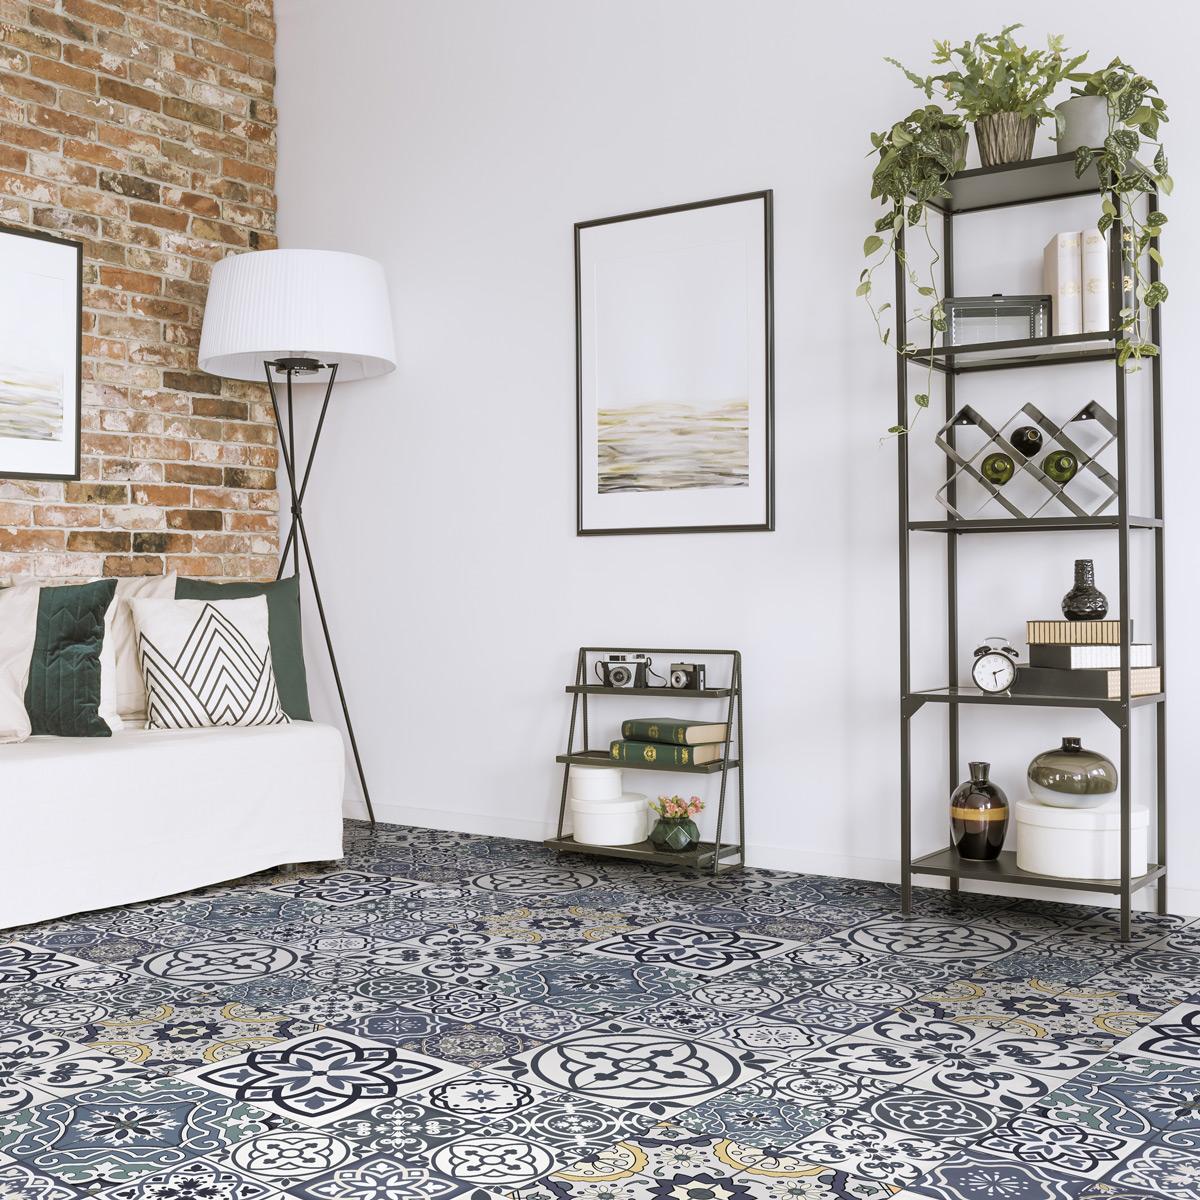 stickers sol carreaux de ciment anti d rapant romana salle de bain et wc salle de bain. Black Bedroom Furniture Sets. Home Design Ideas